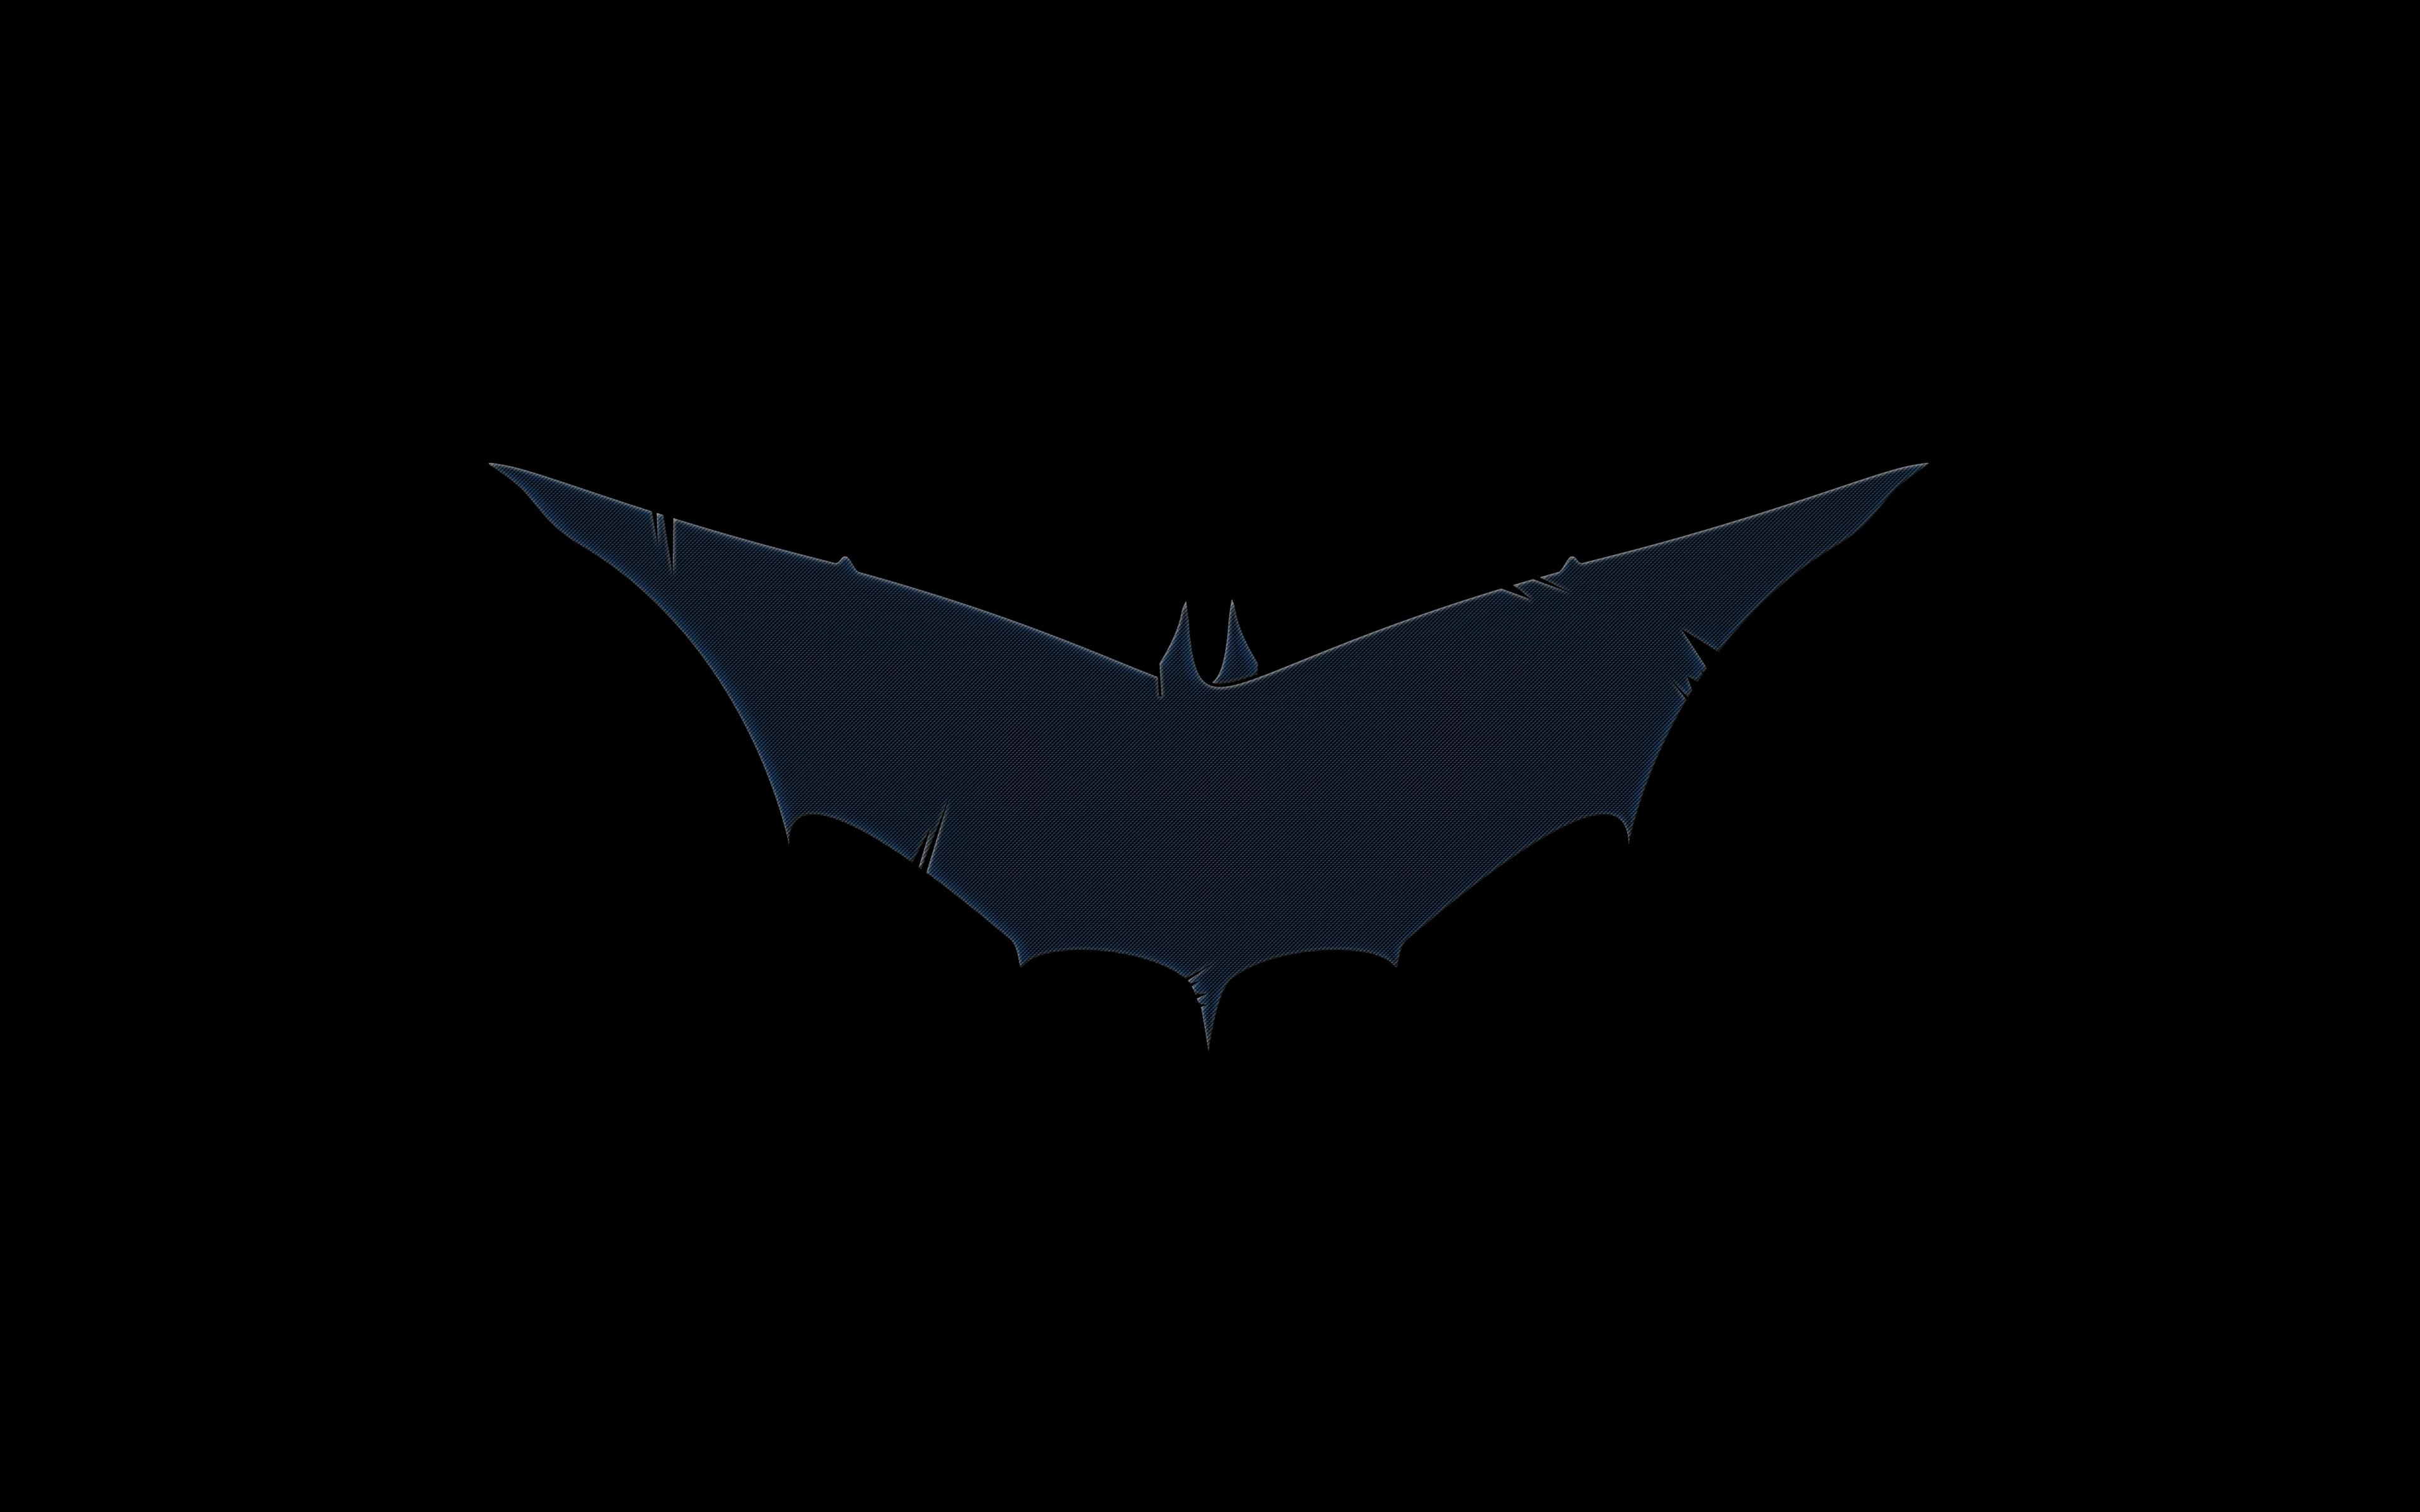 batman-blue-logo-8k-3i.jpg